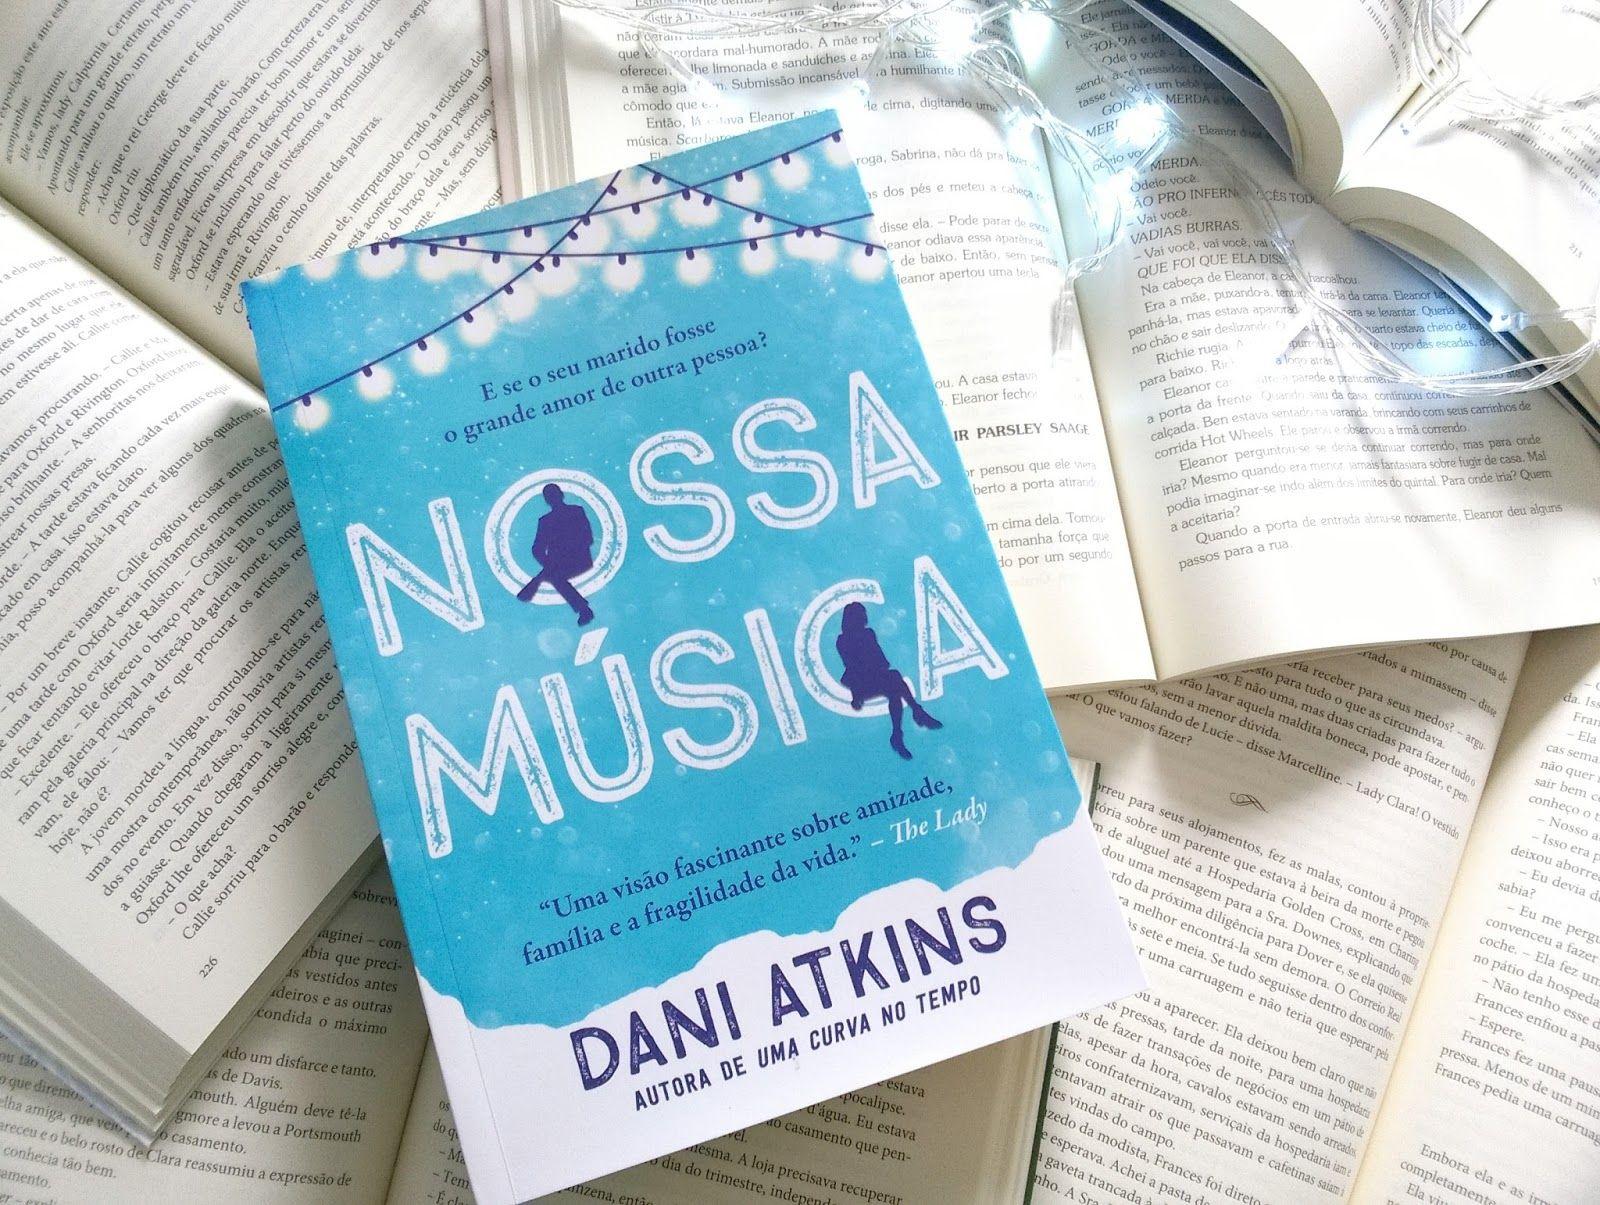 Resenha Nossa Musica Da Dani Atkins Fotos De Livros